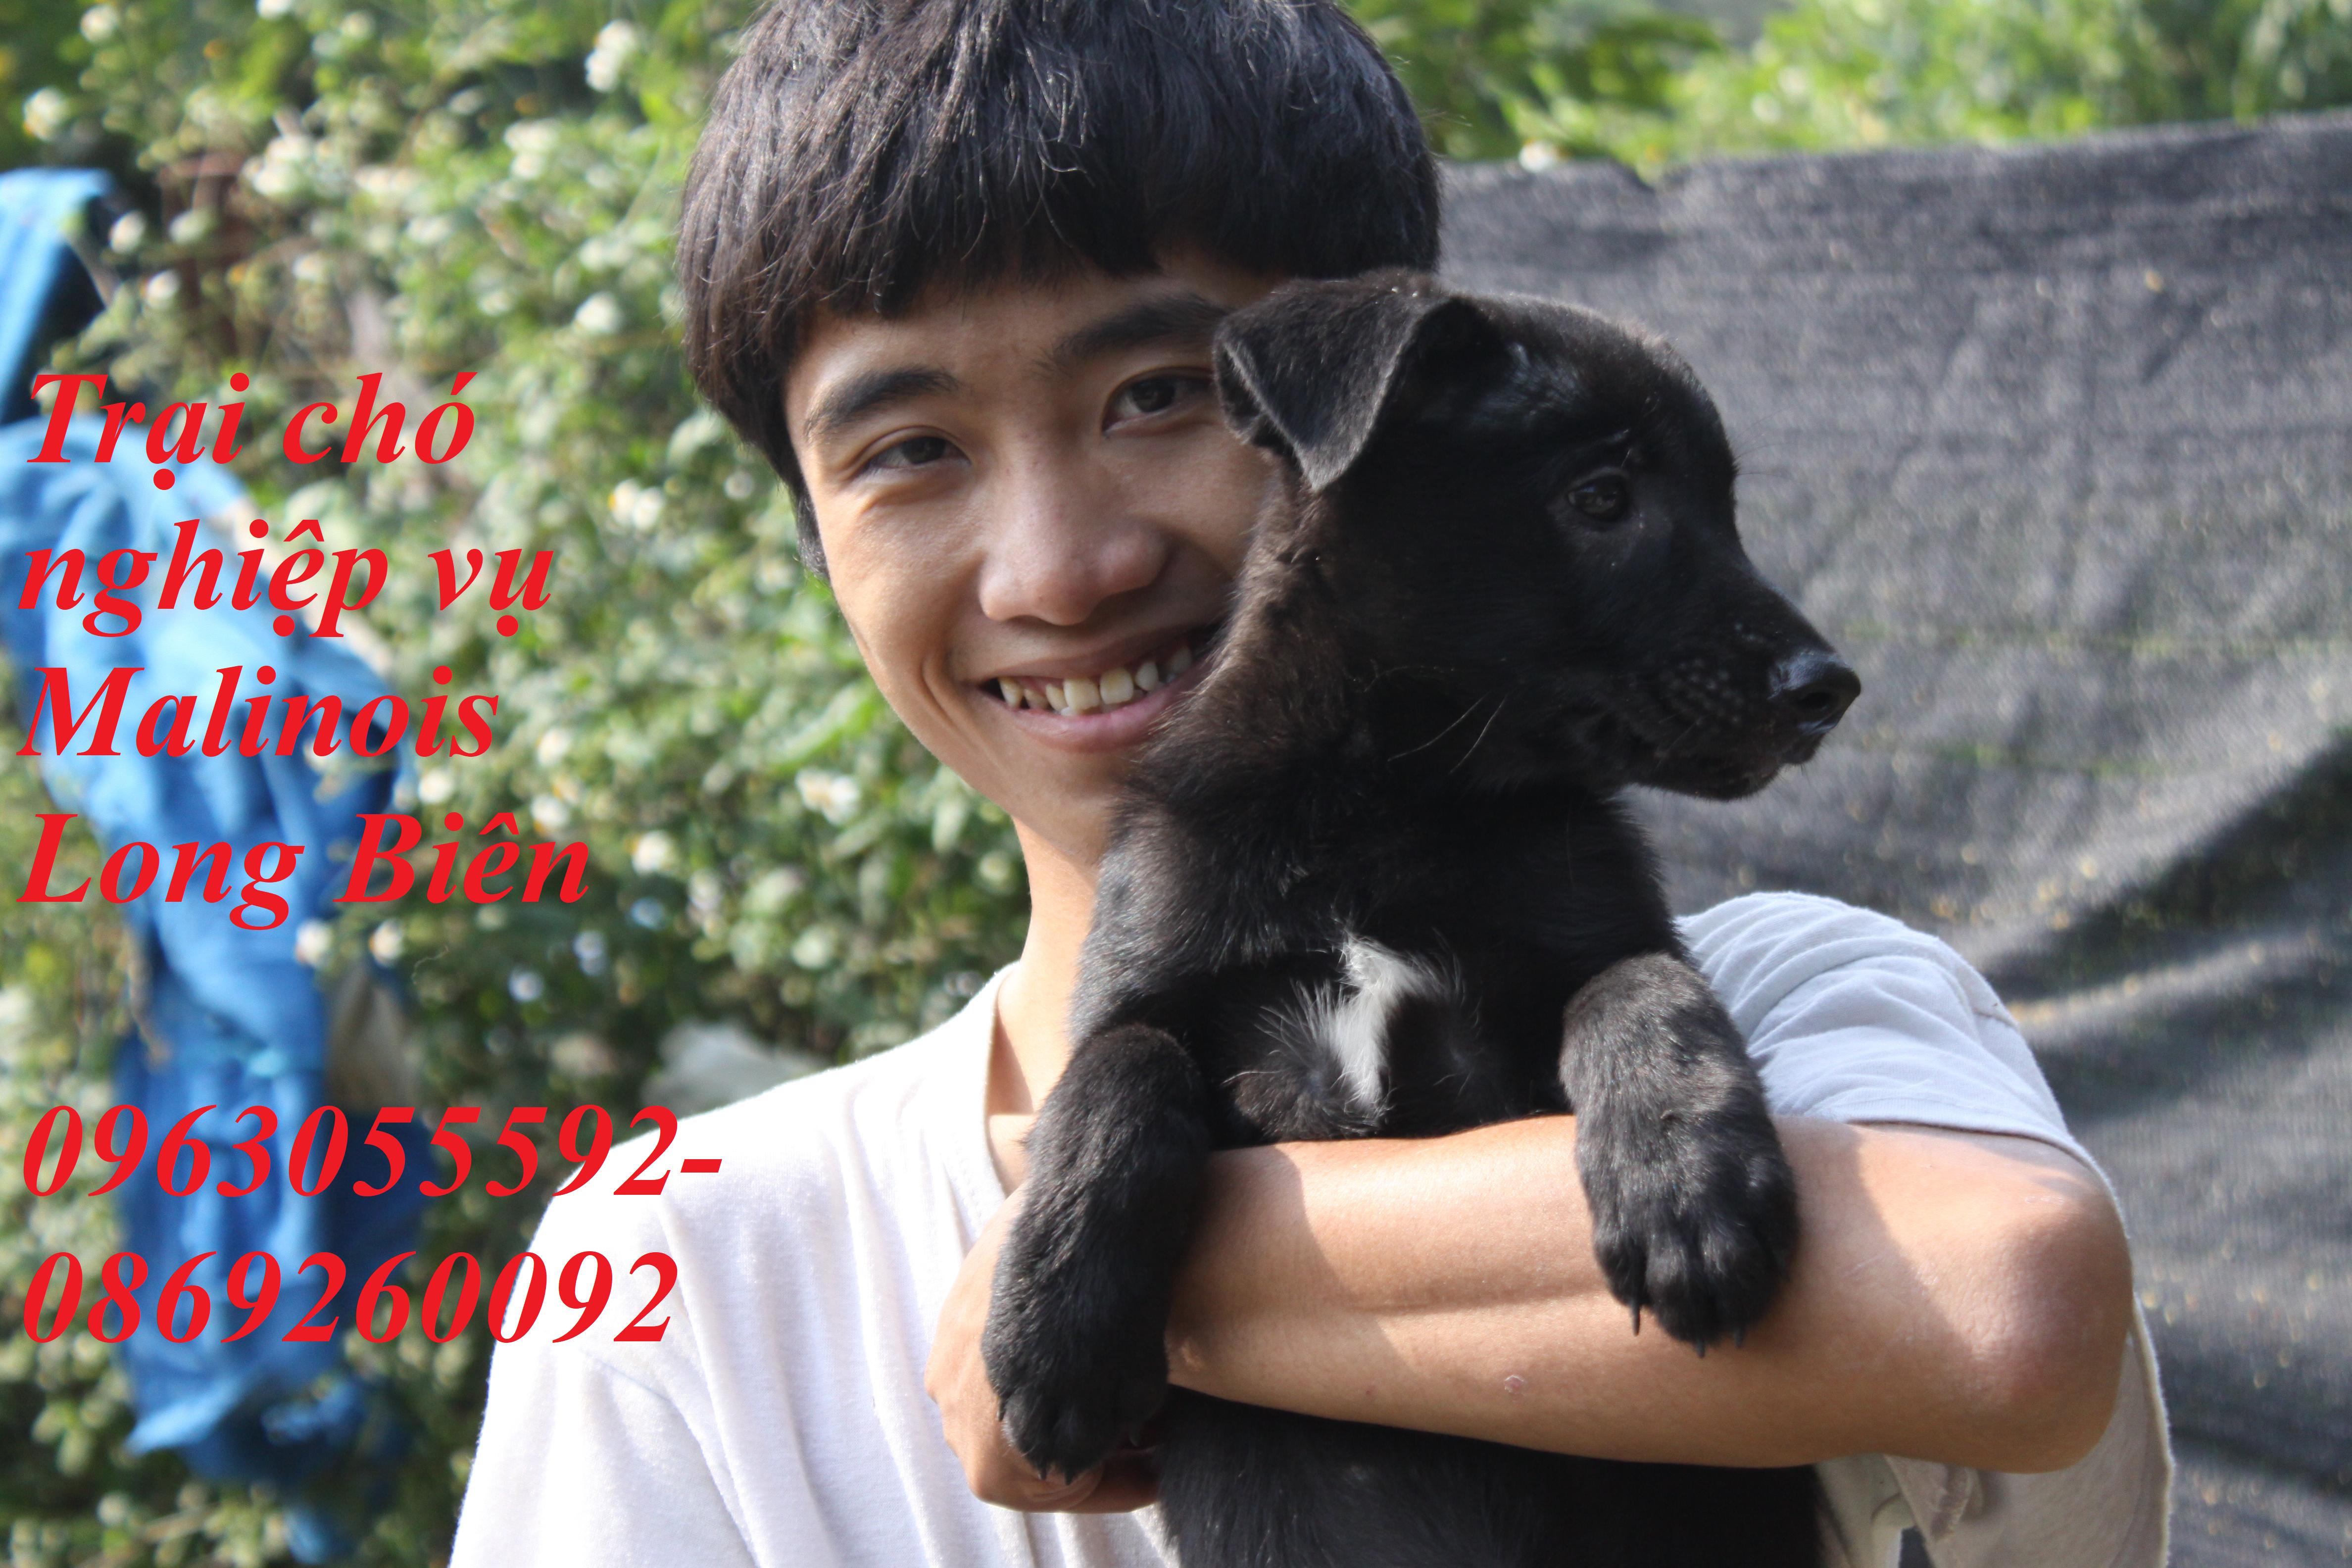 Trại chó malinois Long Biên Hà Nội